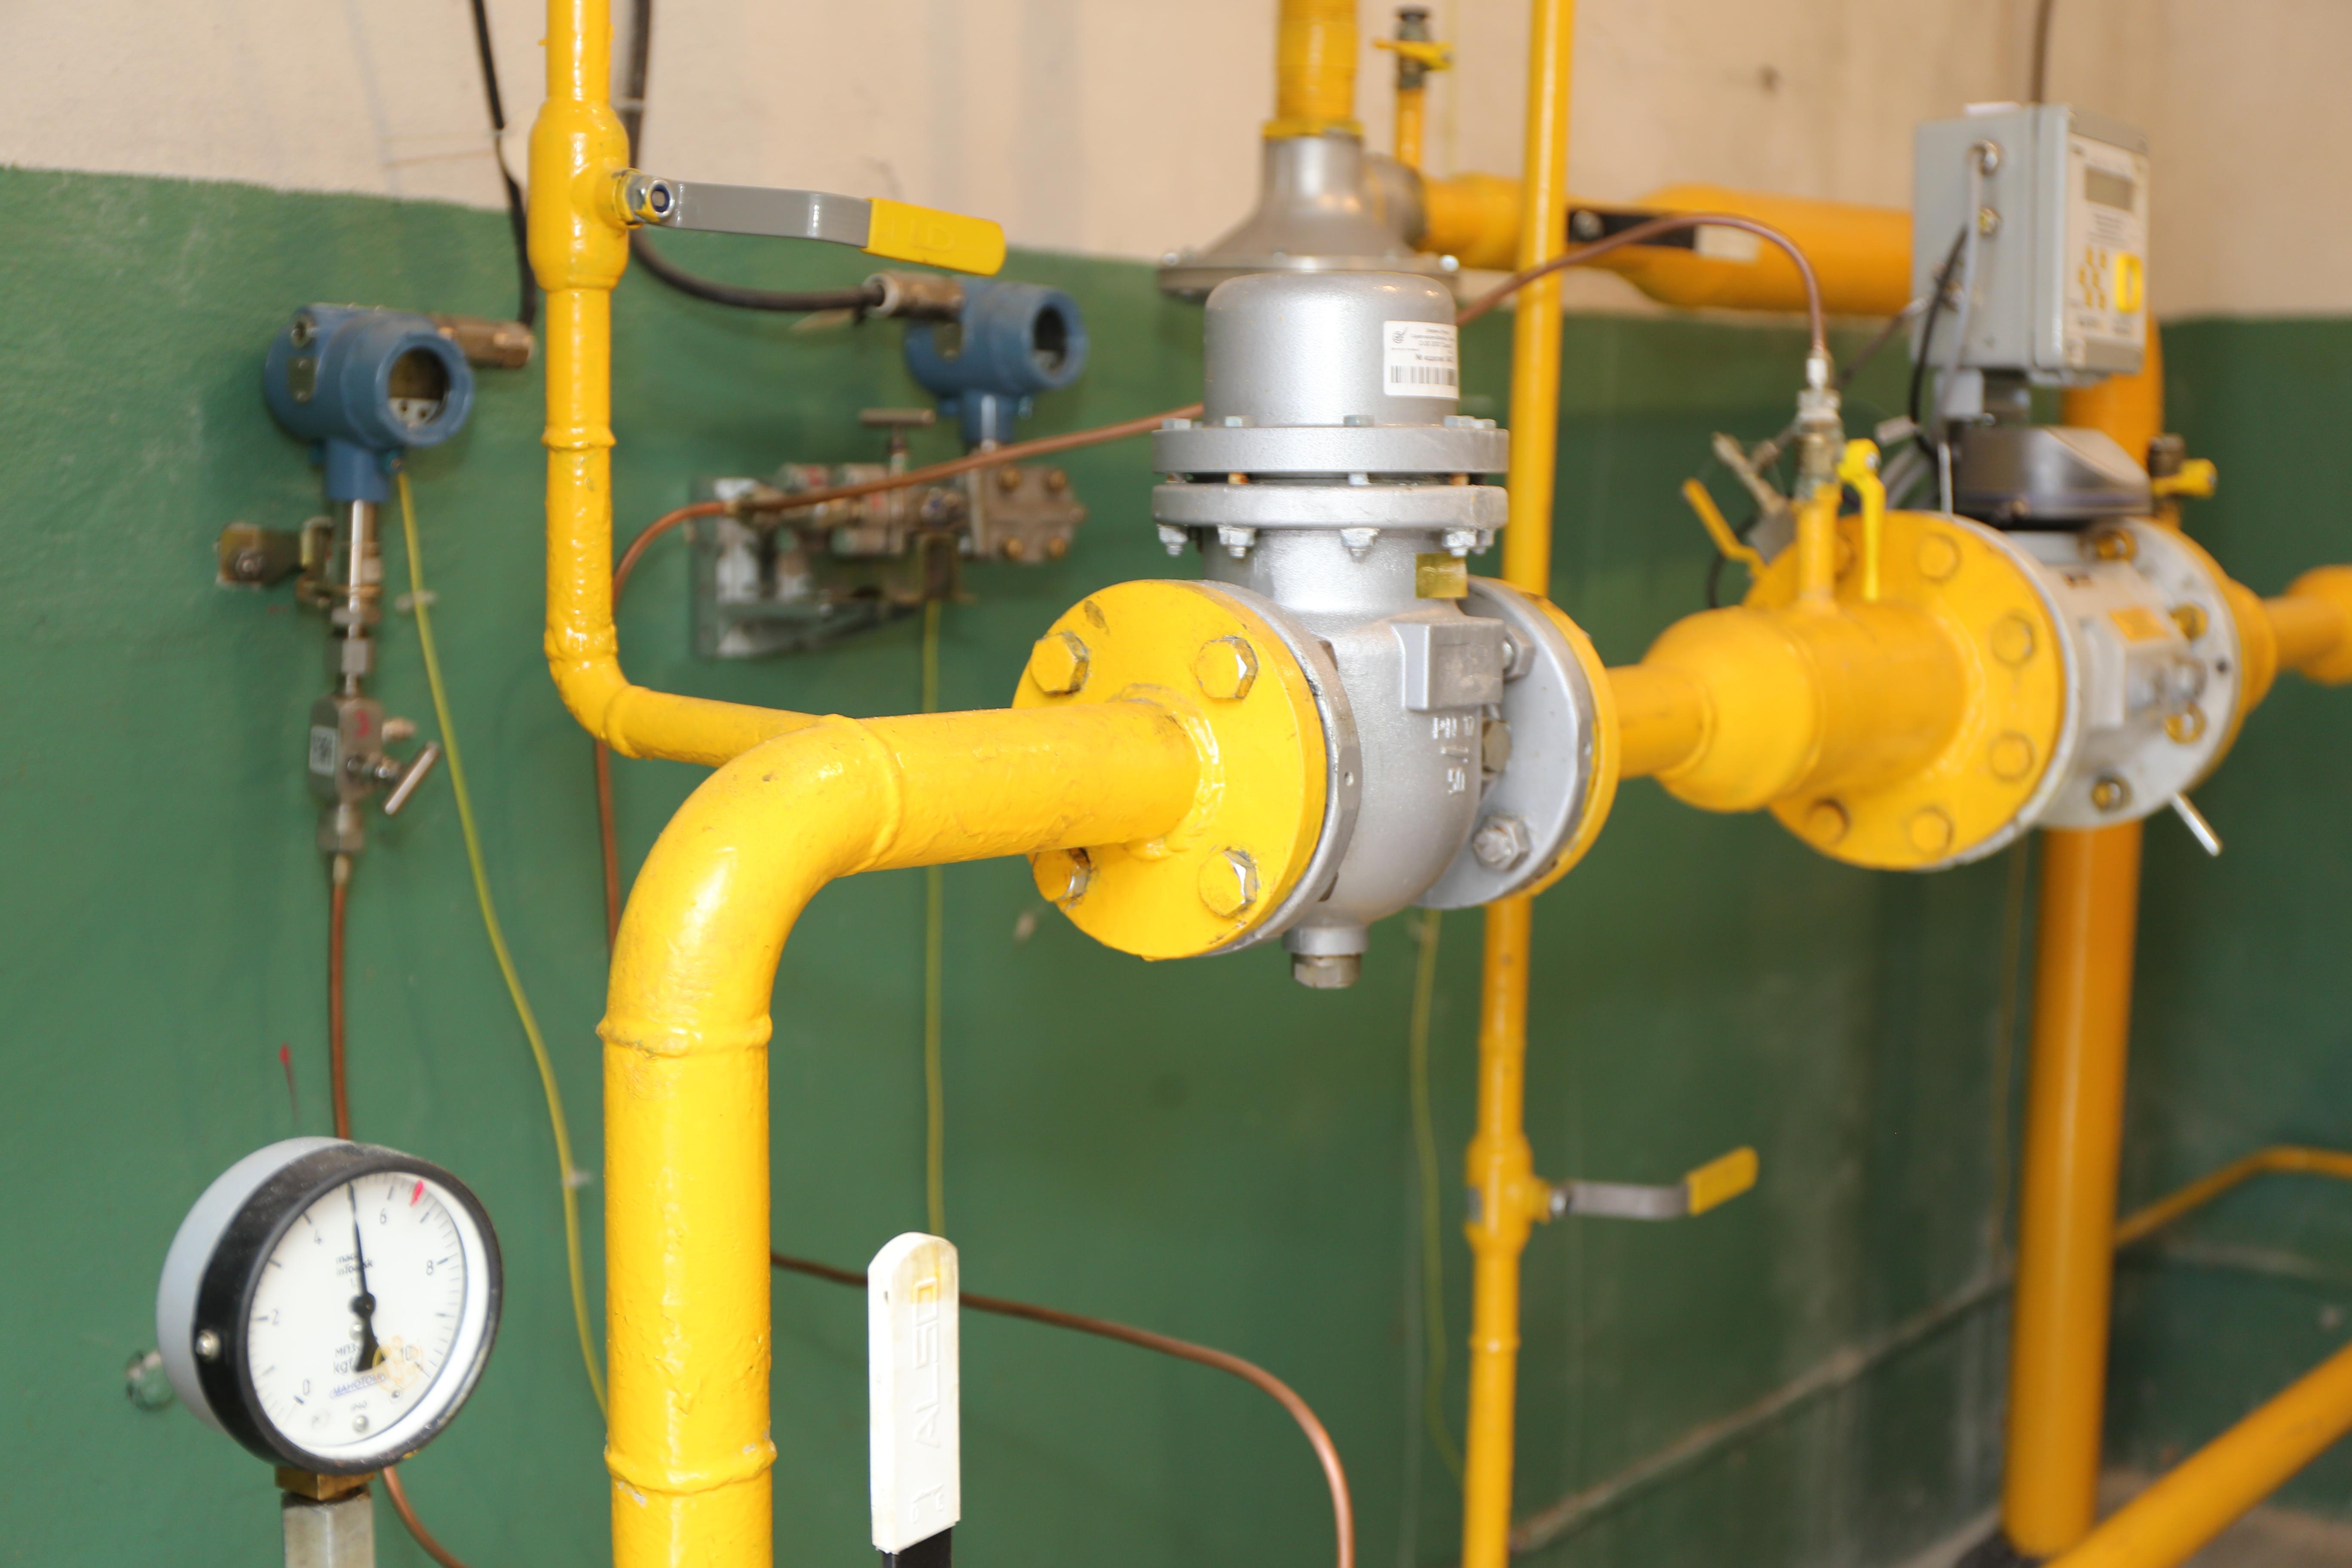 Суг для грп. разработка нетрадиционных запасов углеводородов при помощи технологии грп с применением в качестве жидкостей разрыва сжиженных углеводородных газов